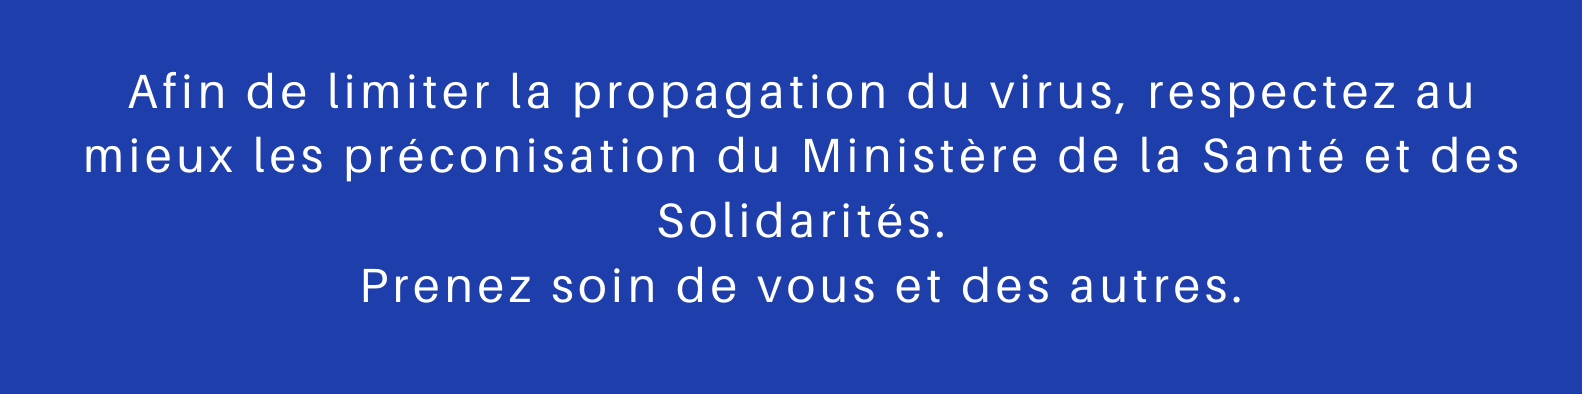 Afin de limiter la propagation du virus, respectez au mieux les préconisation du Ministère de la Santé et des Solidarités. Prenez soin de vous et des autres. copie.png